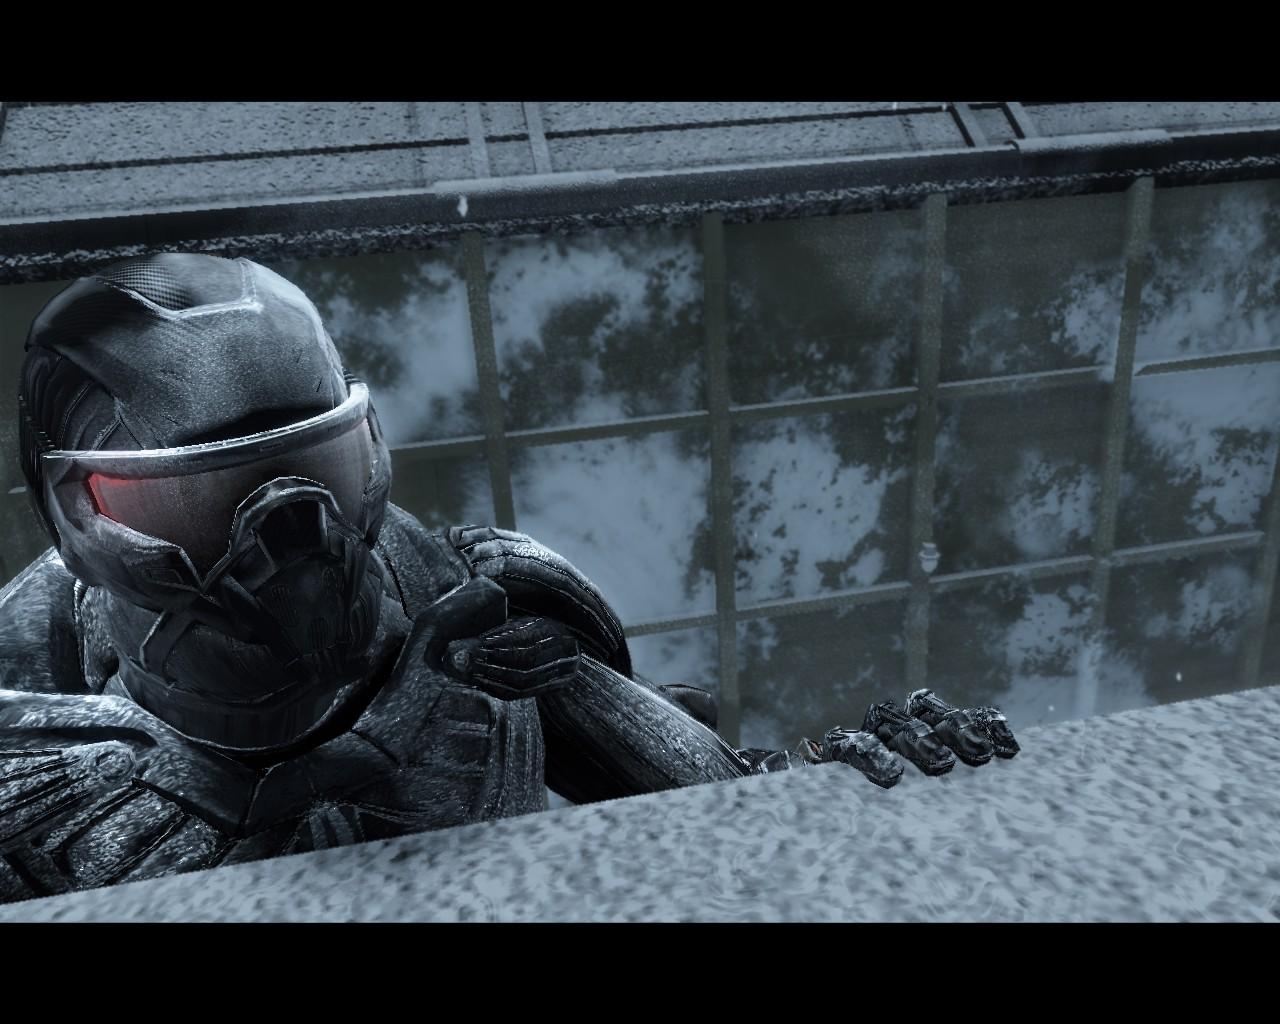 Crysis64 2014-08-13 00-04-13-35.jpg - Crysis Warhead